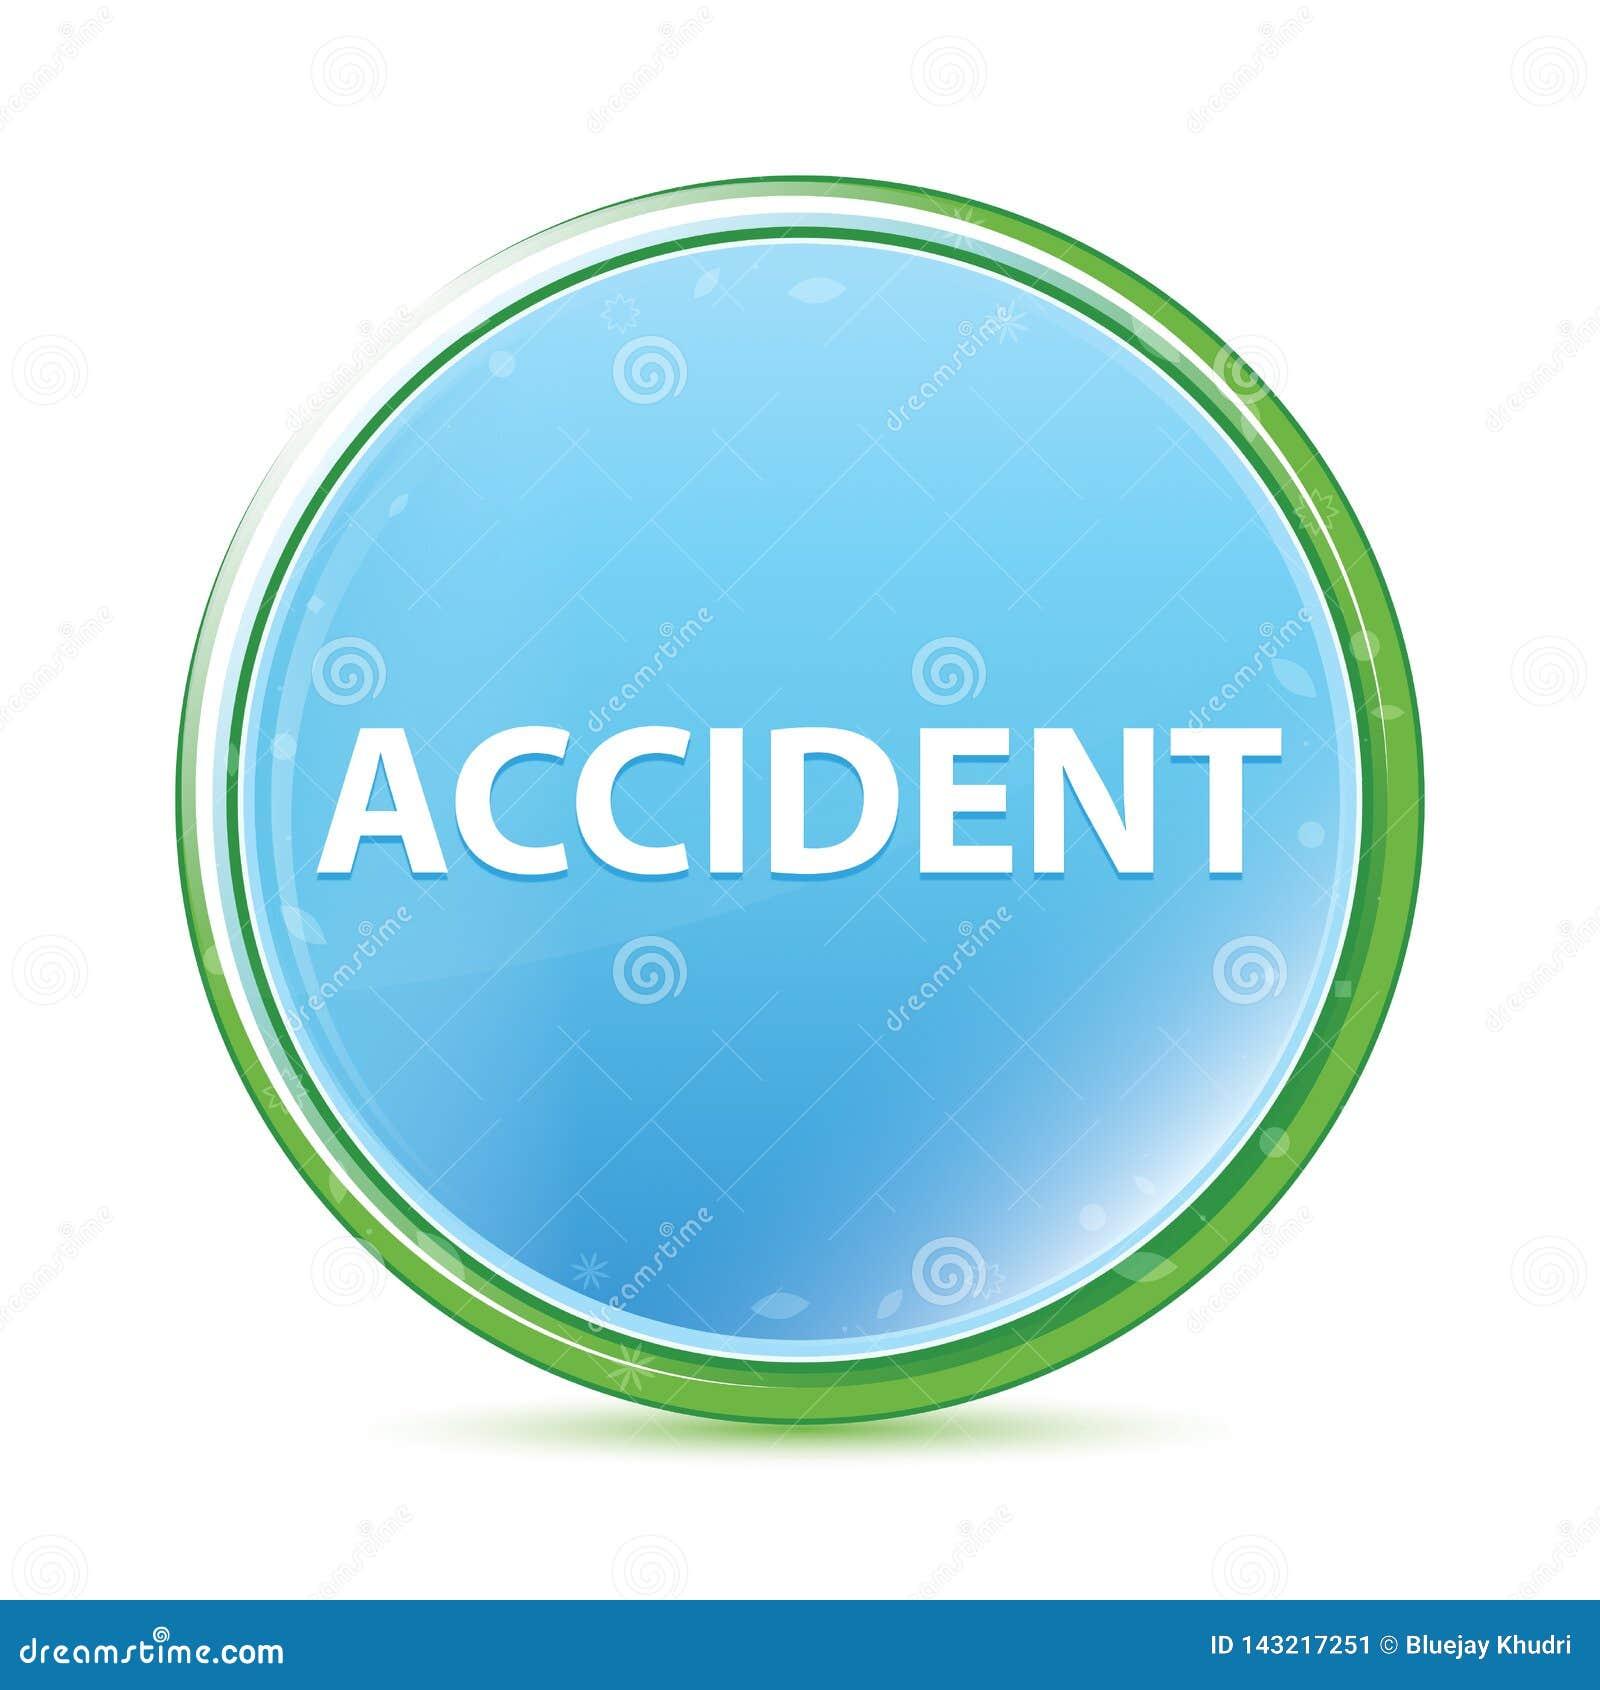 Cyaan blauwe ronde knoop van ongevallen de natuurlijke aqua